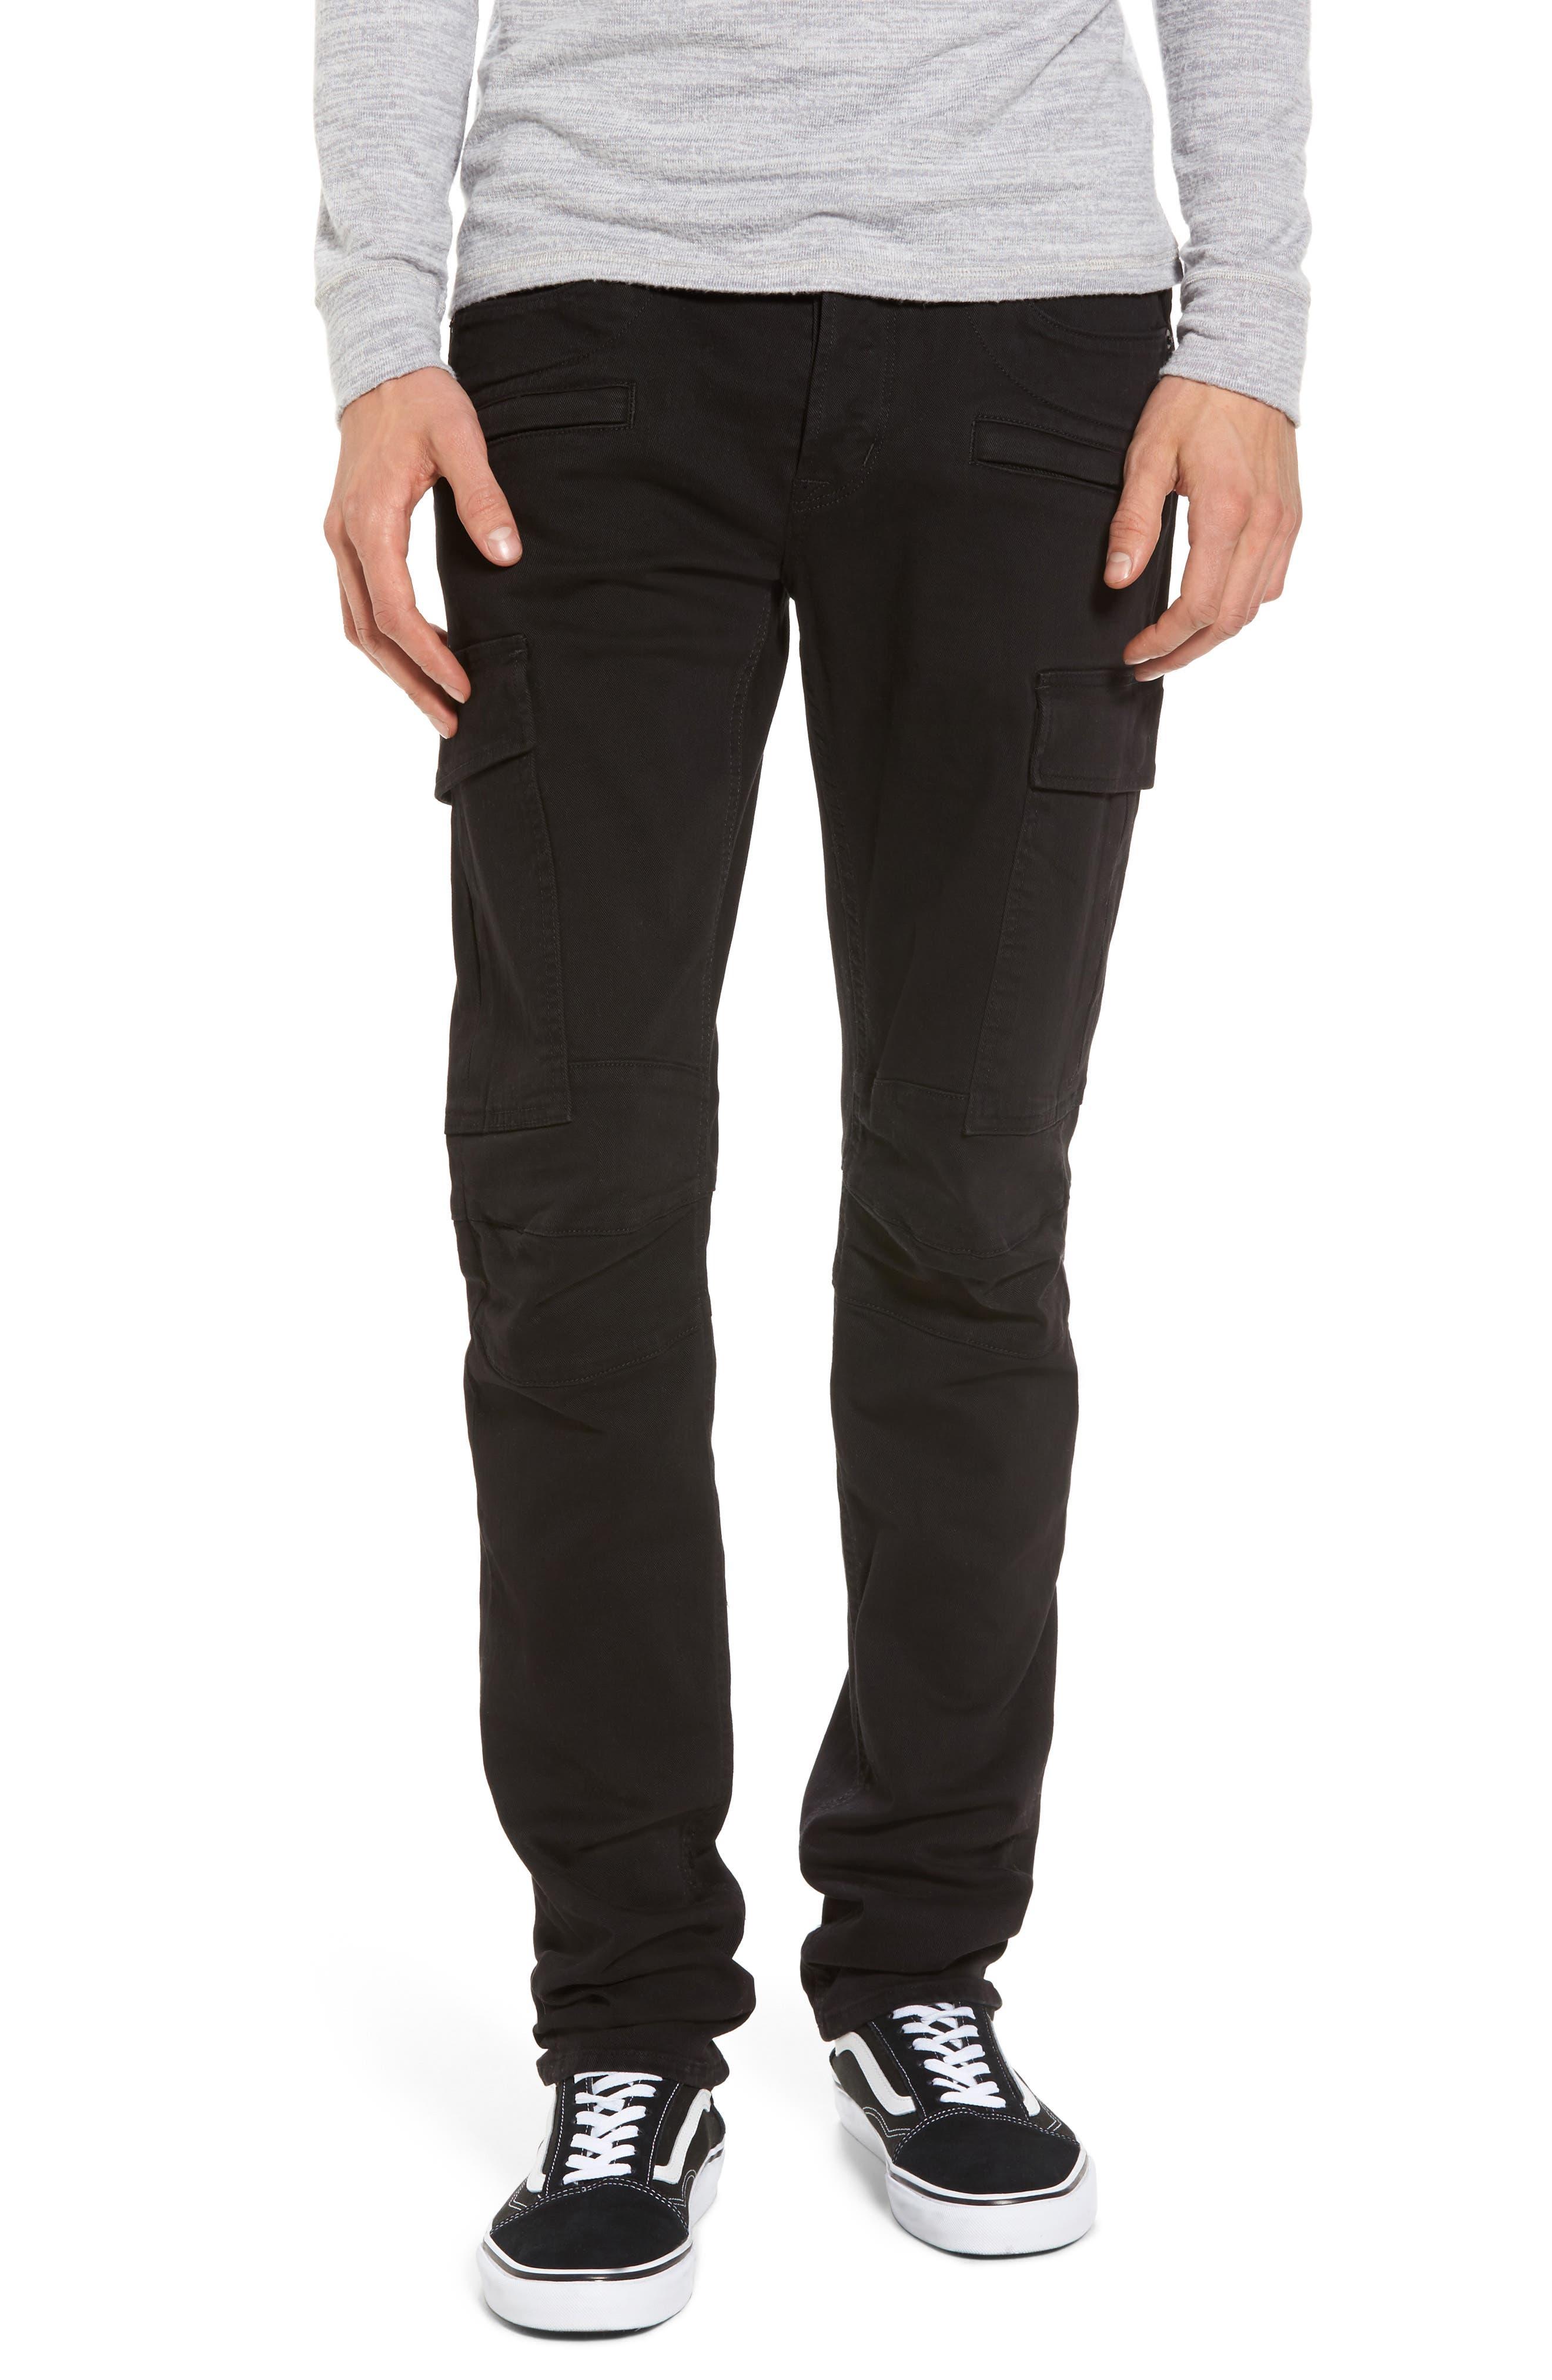 Main Image - Hudson Jeans Greyson Cargo Biker Skinny Fit Jeans (Black)